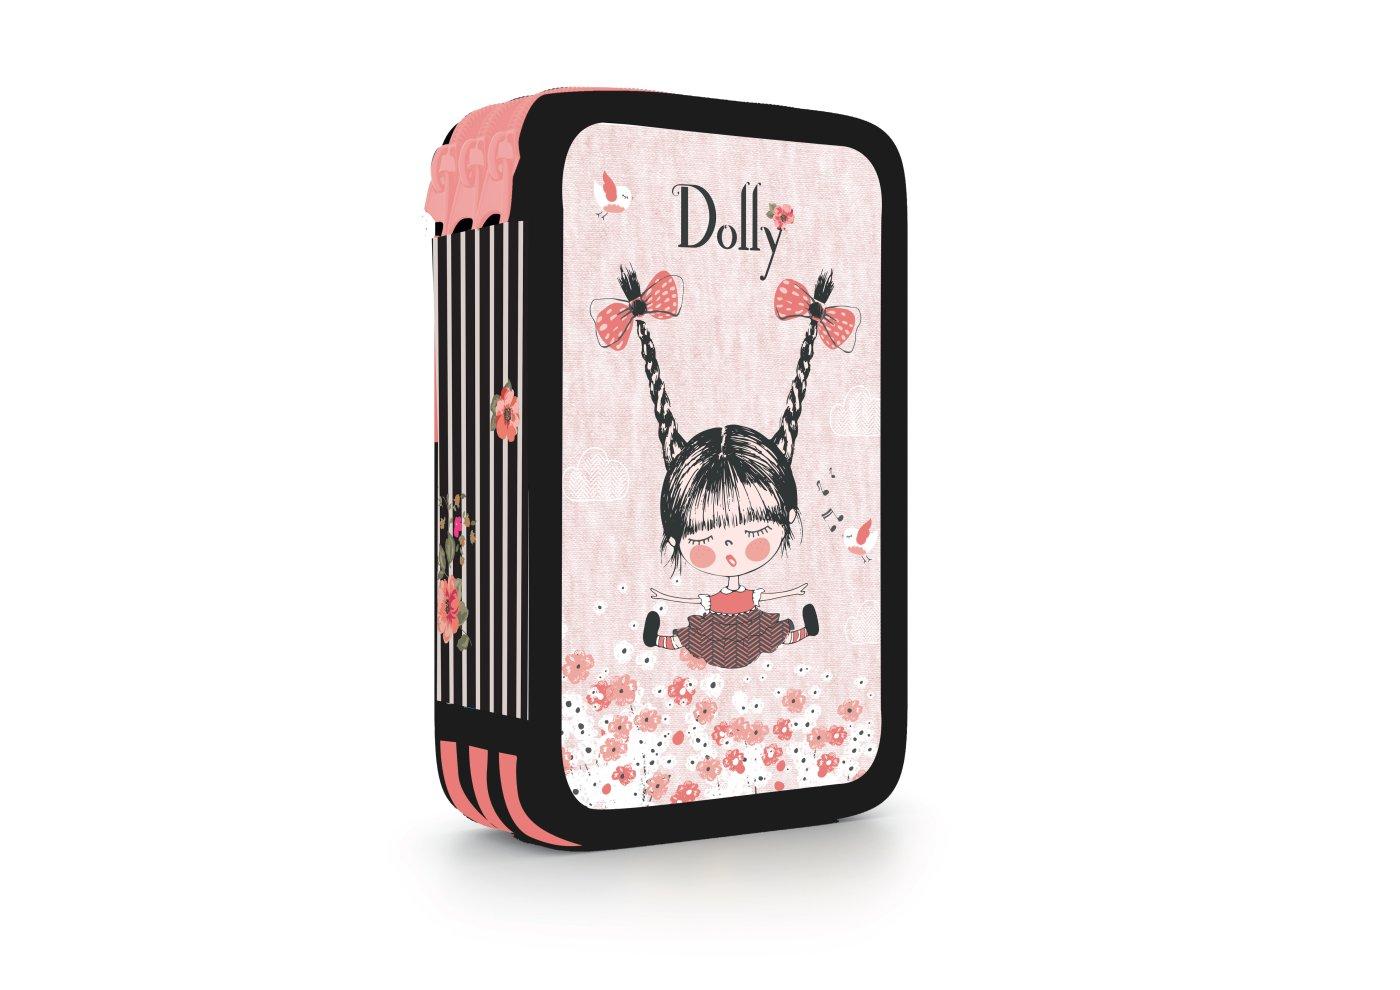 Školní penál třípatrový Dolly